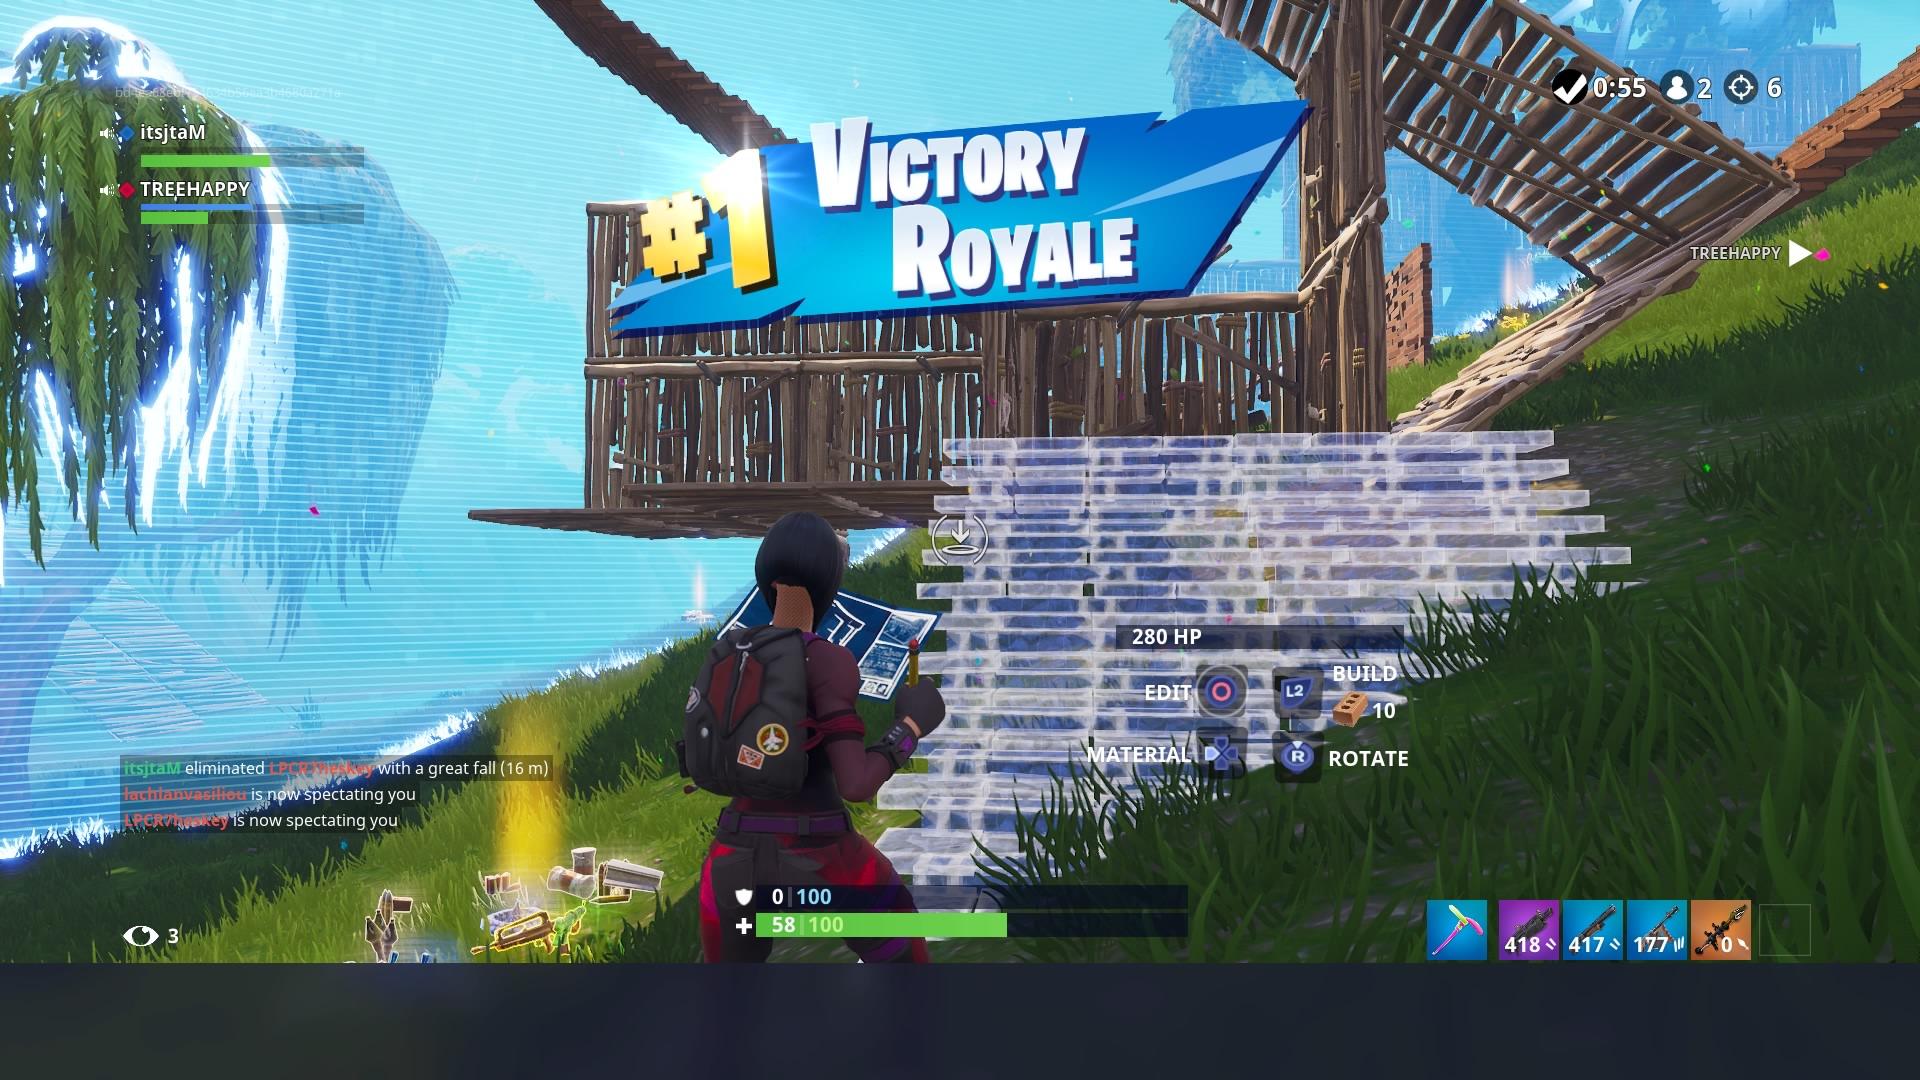 fortnite season 5 victory royale hd wallpaper 64385